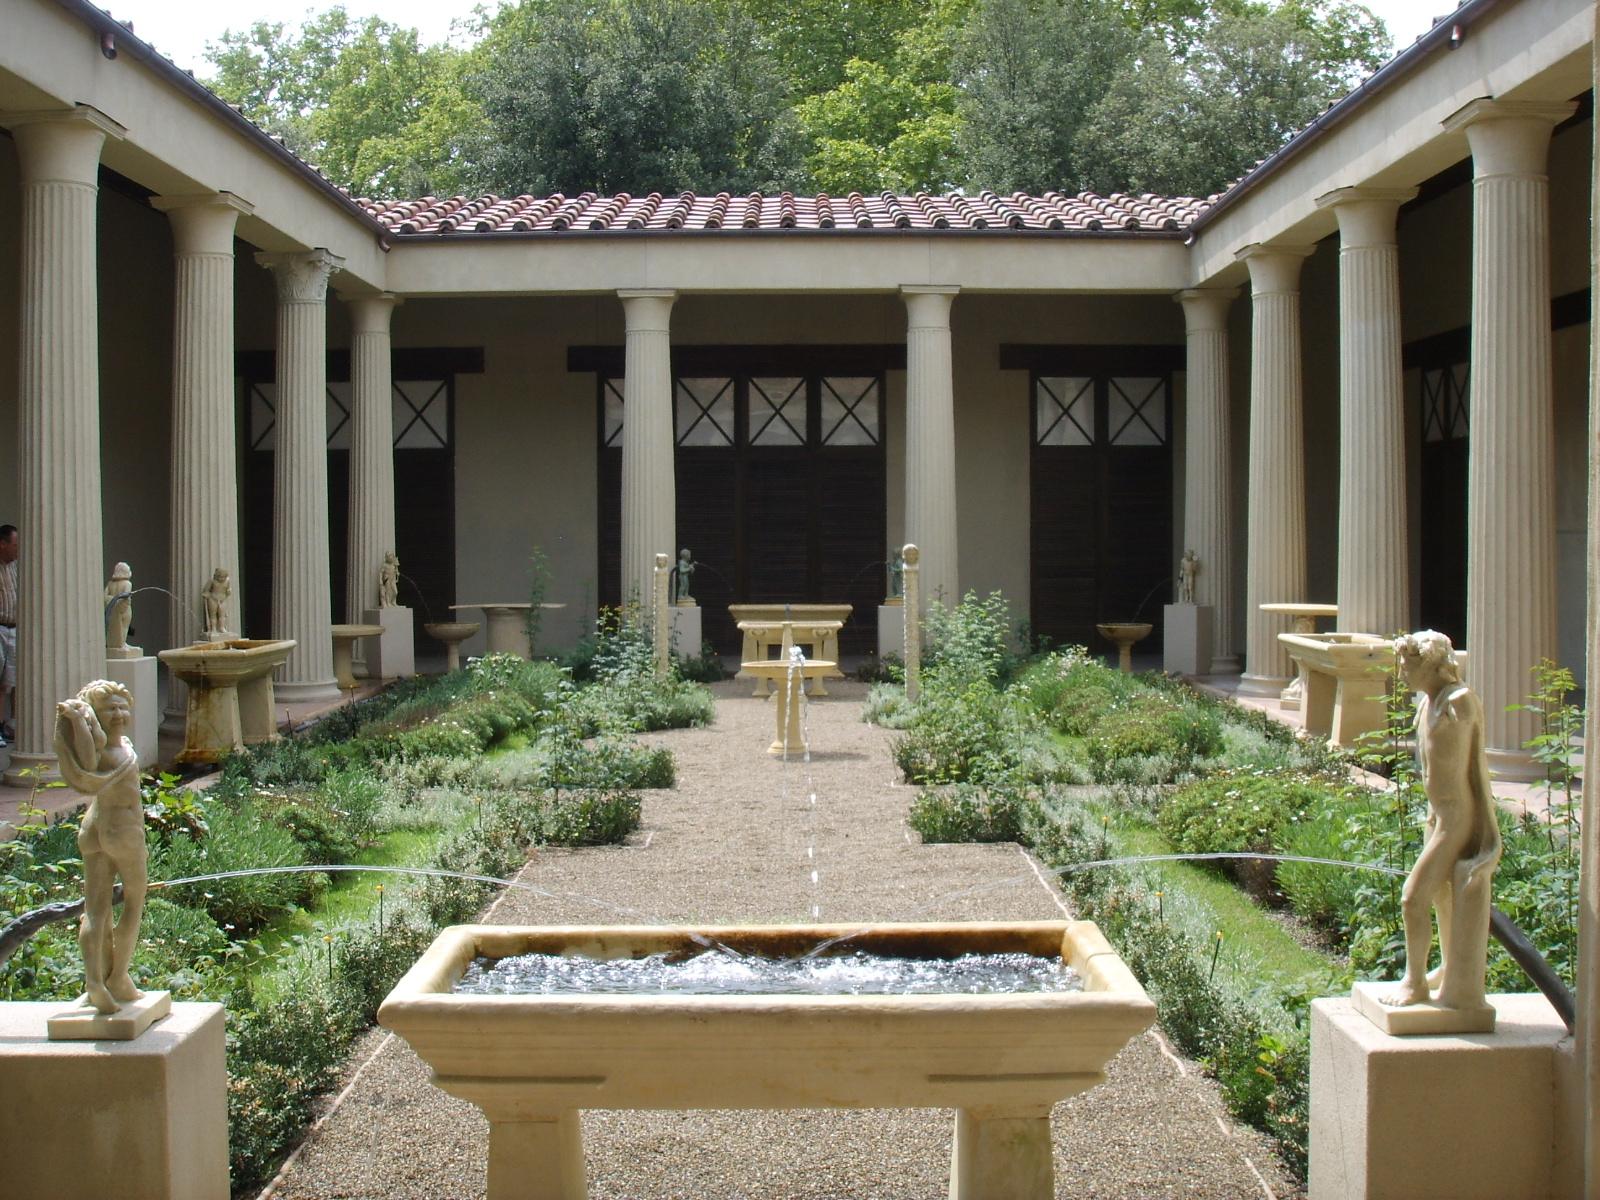 ricostruzione_del_giardino_della_casa_dei_vetii_di_pompei_mostra_al_giardino_di_boboli_2007_01